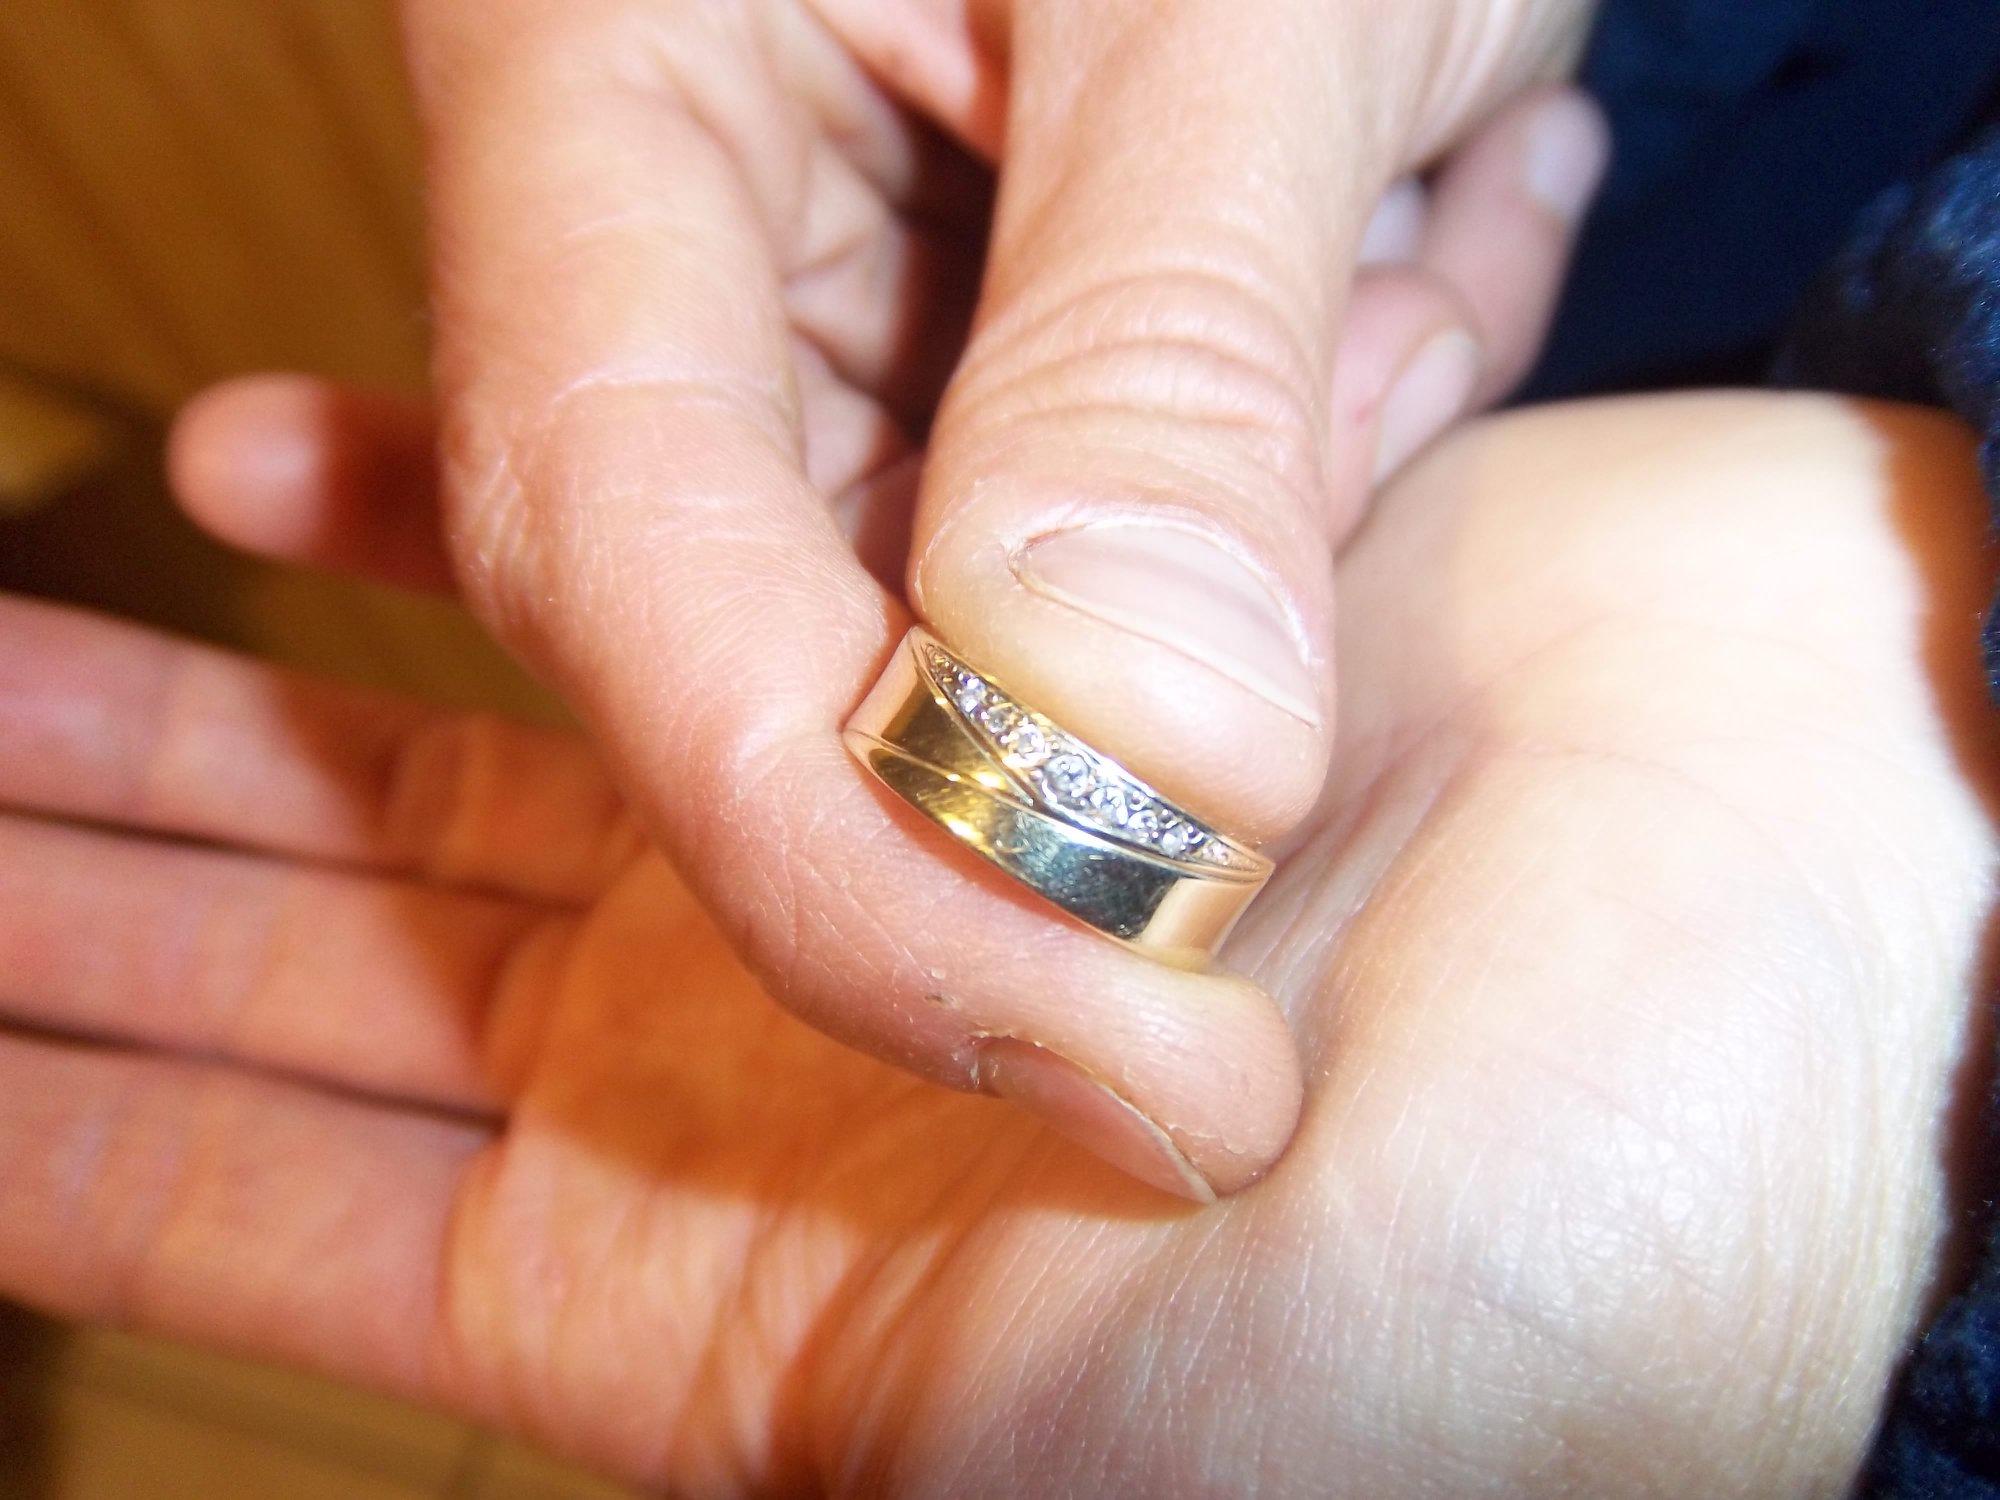 A hobbitok életét sem változtatta meg annyira az a Gyűrű, mint az, amit egy gyanútlan falusi család talált a bábolnai autópályapihenőben